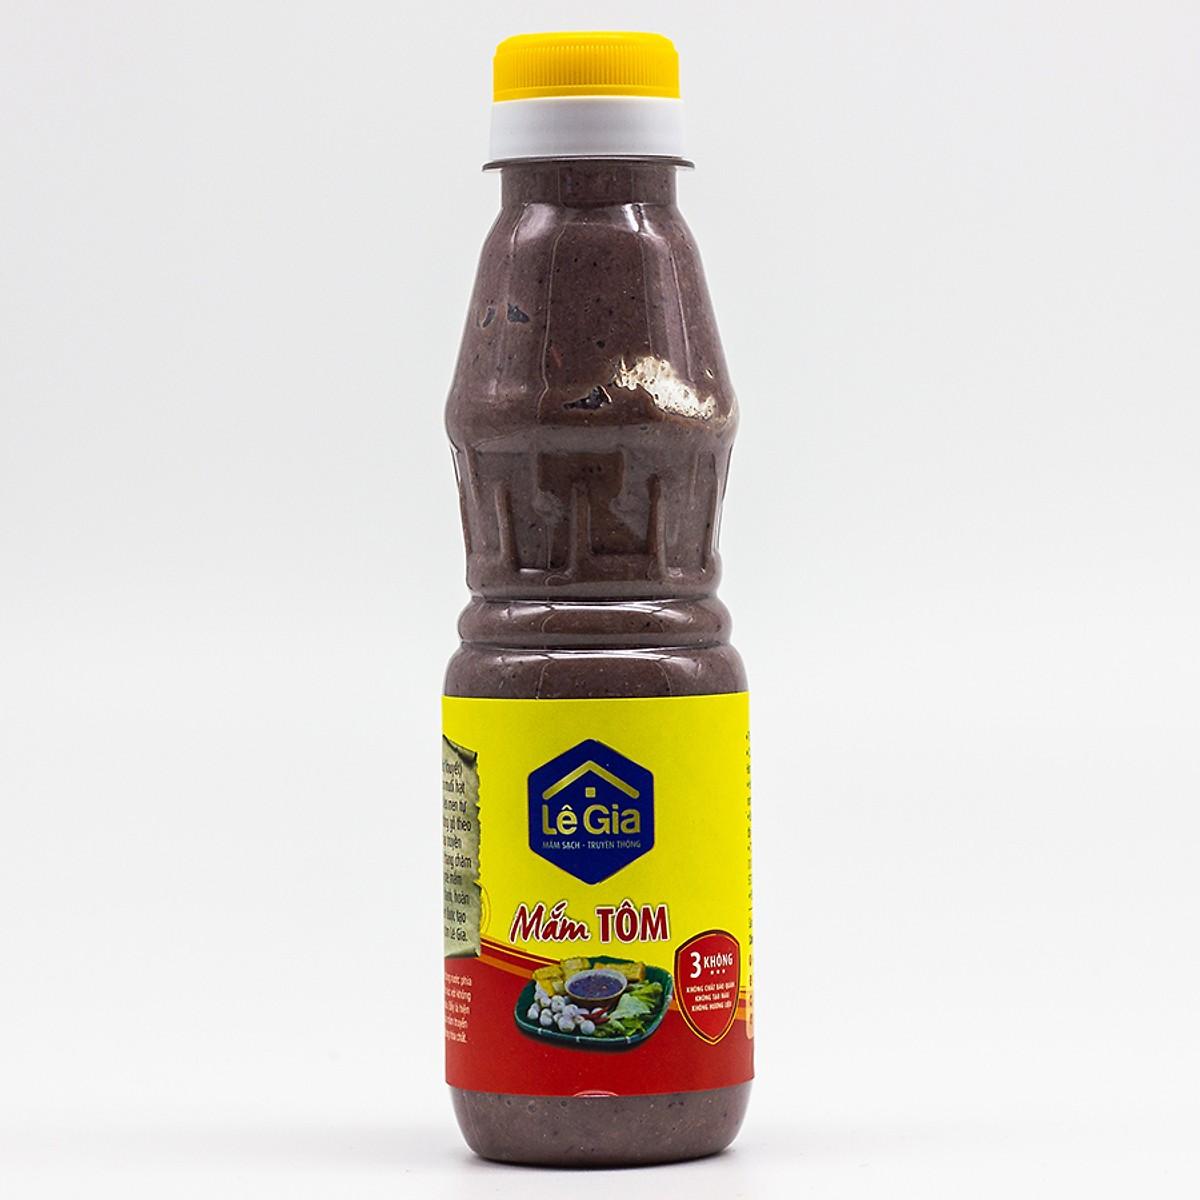 Mắm tôm ngon Lê Gia chai nhựa pet 280g0